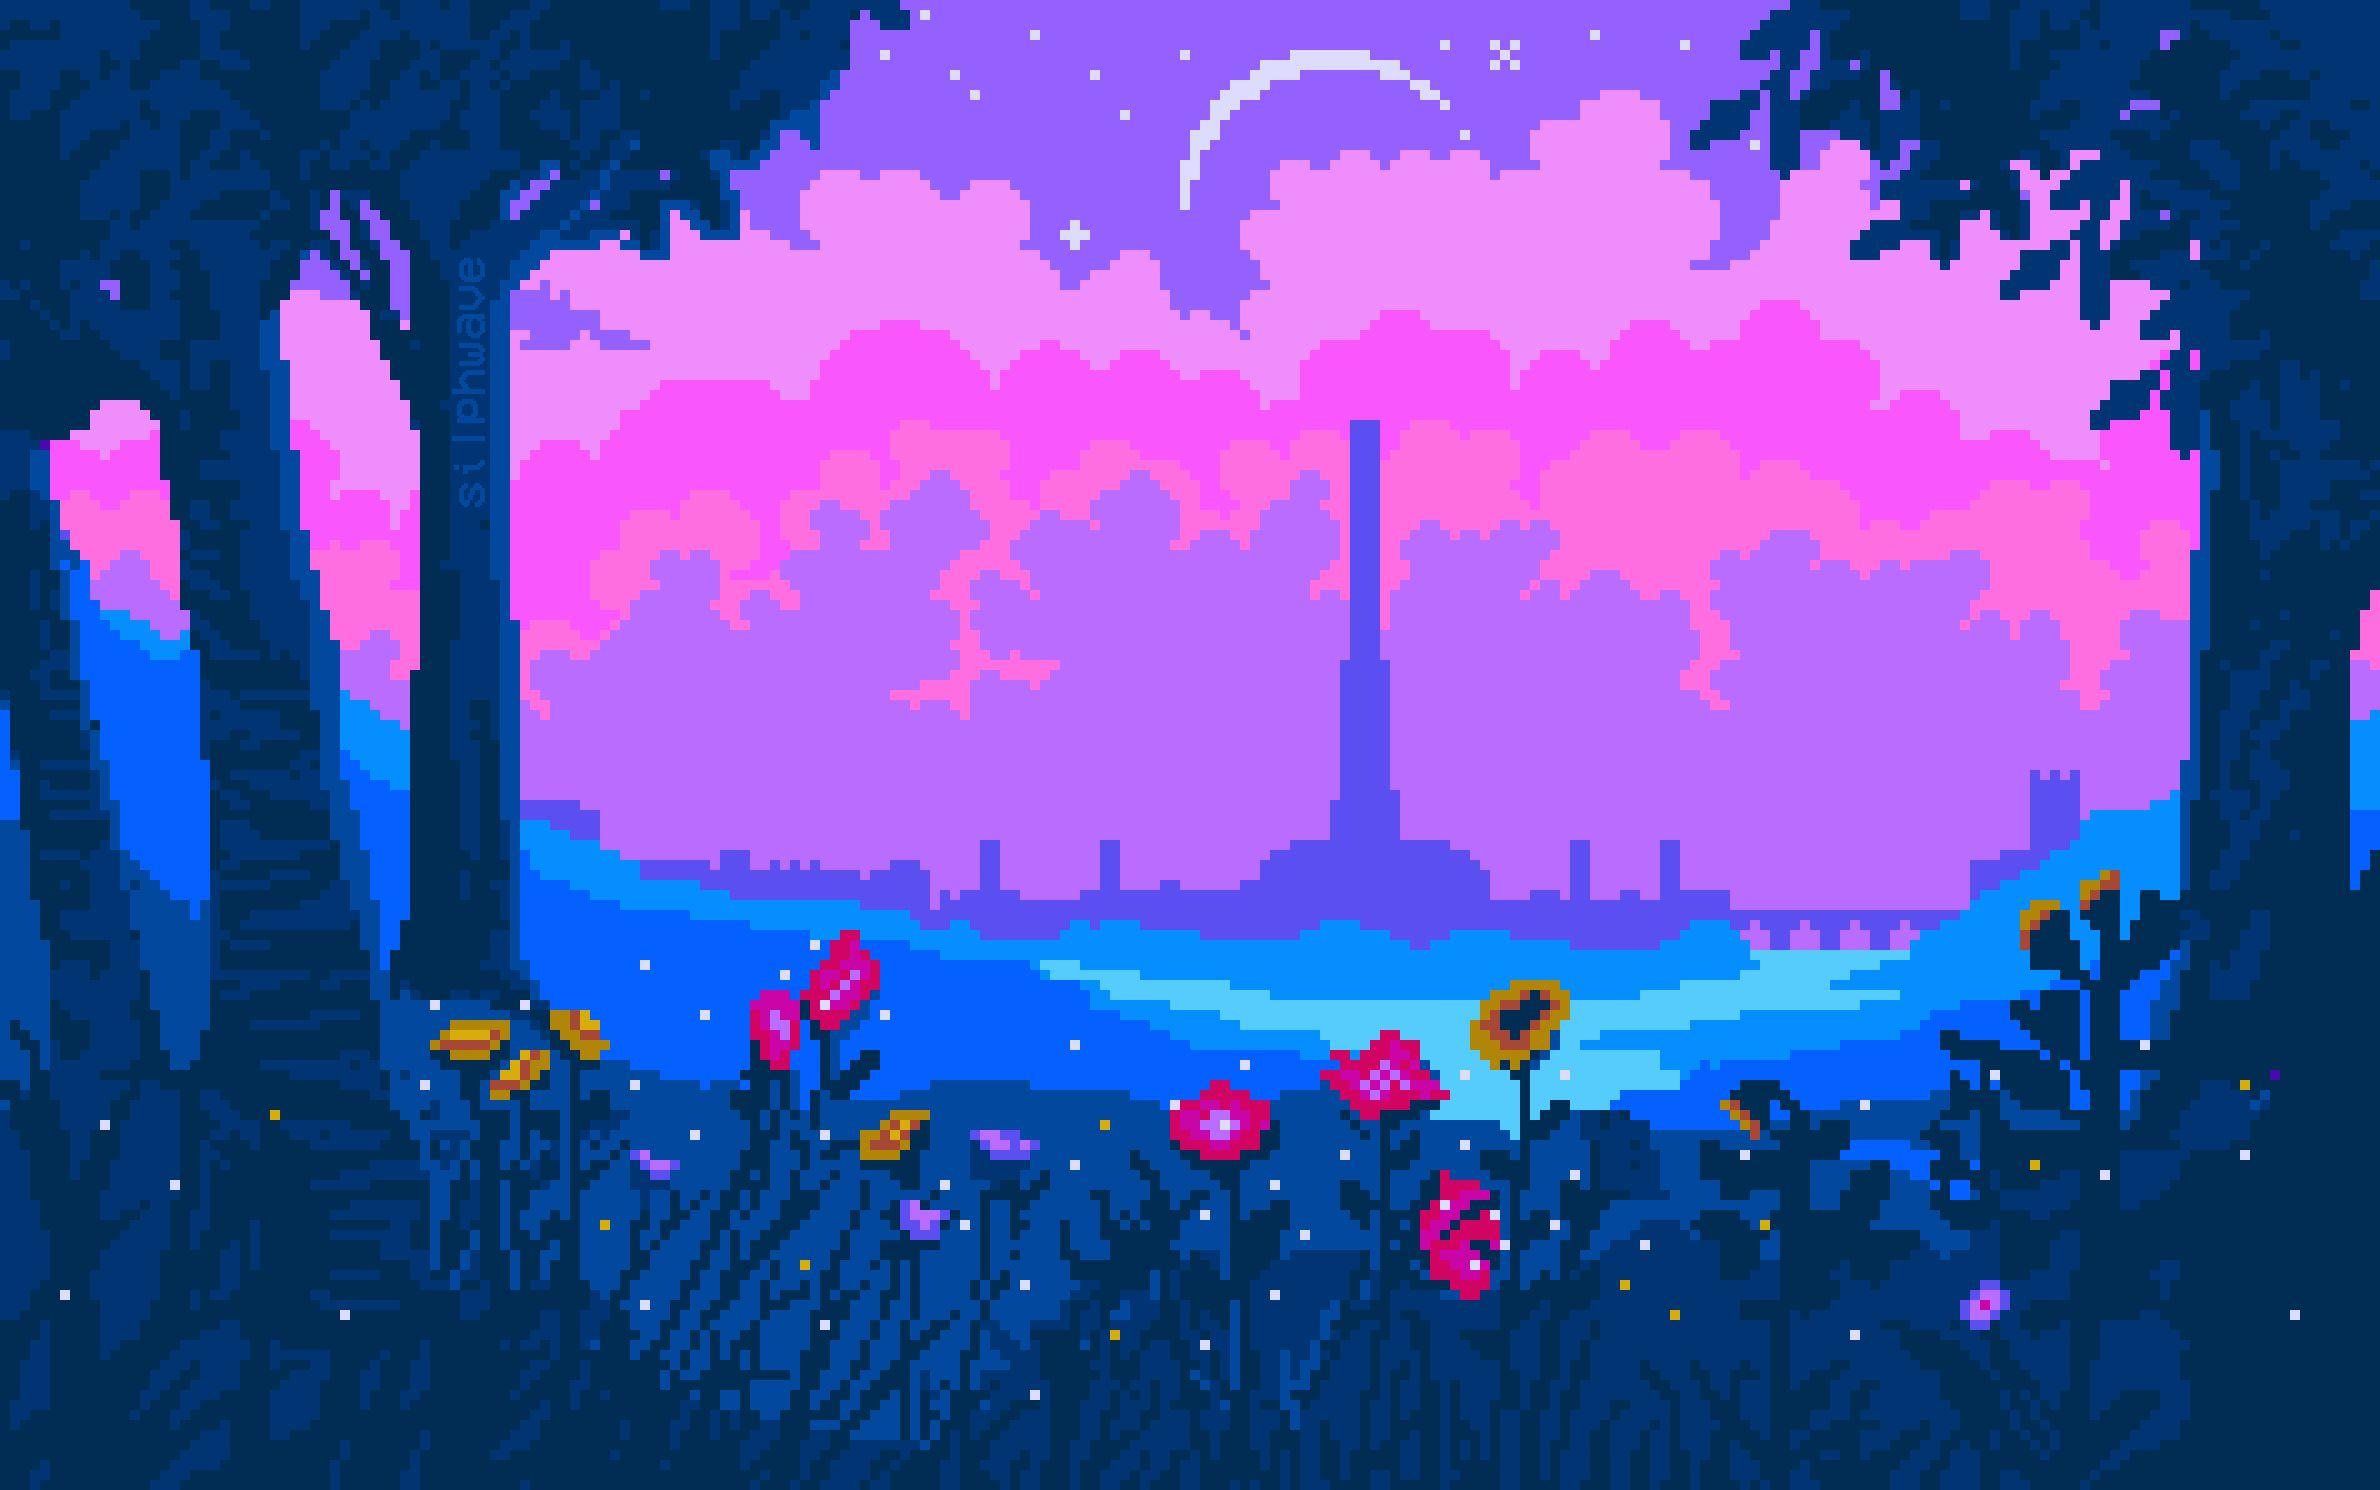 4K Pixel Wallpapers   Top 4K Pixel Backgrounds   WallpaperAccess 2380x1490